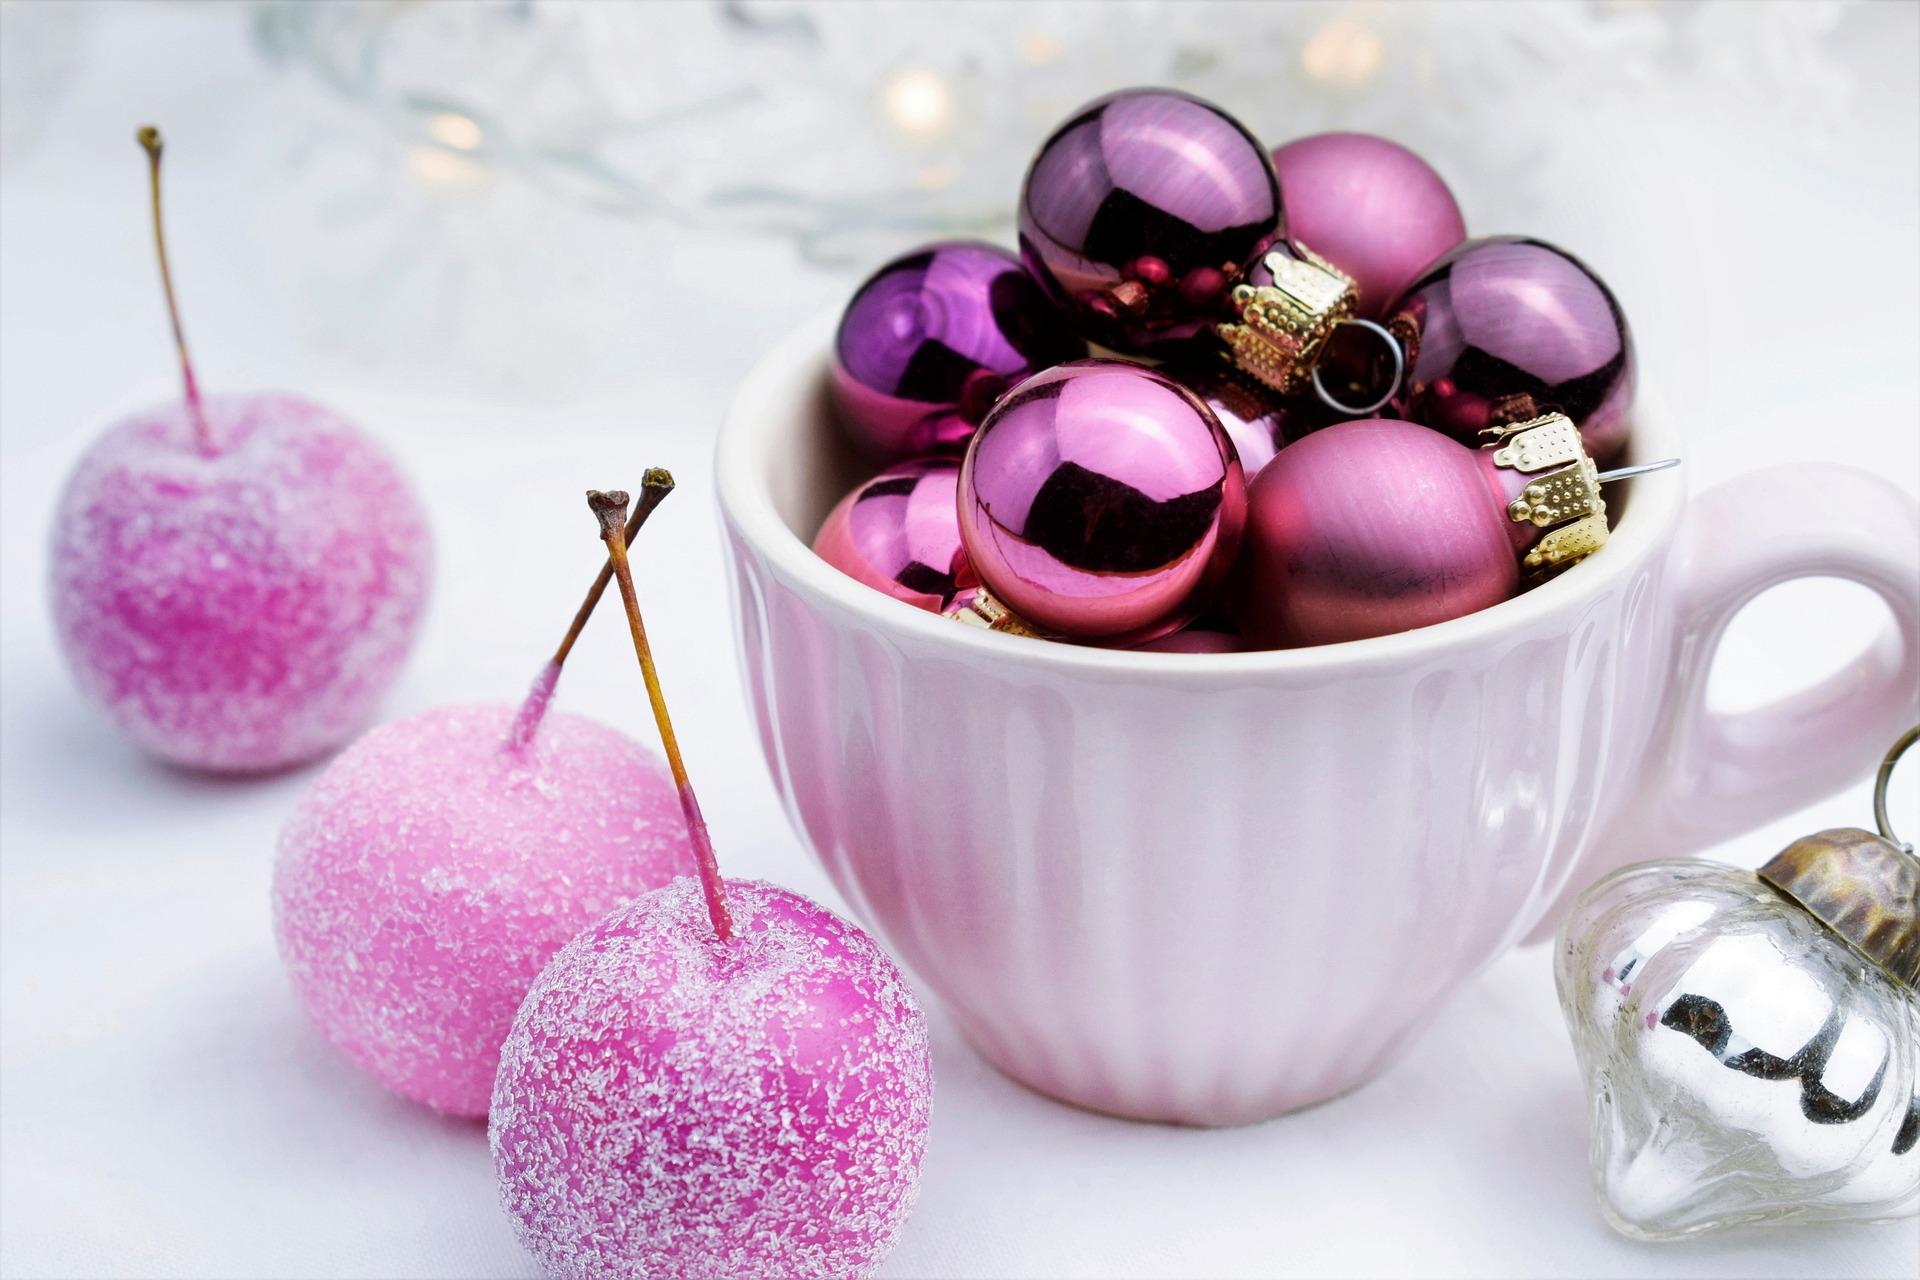 Kom helemaal in de kerstsfeer door kerstkaarten te sturen